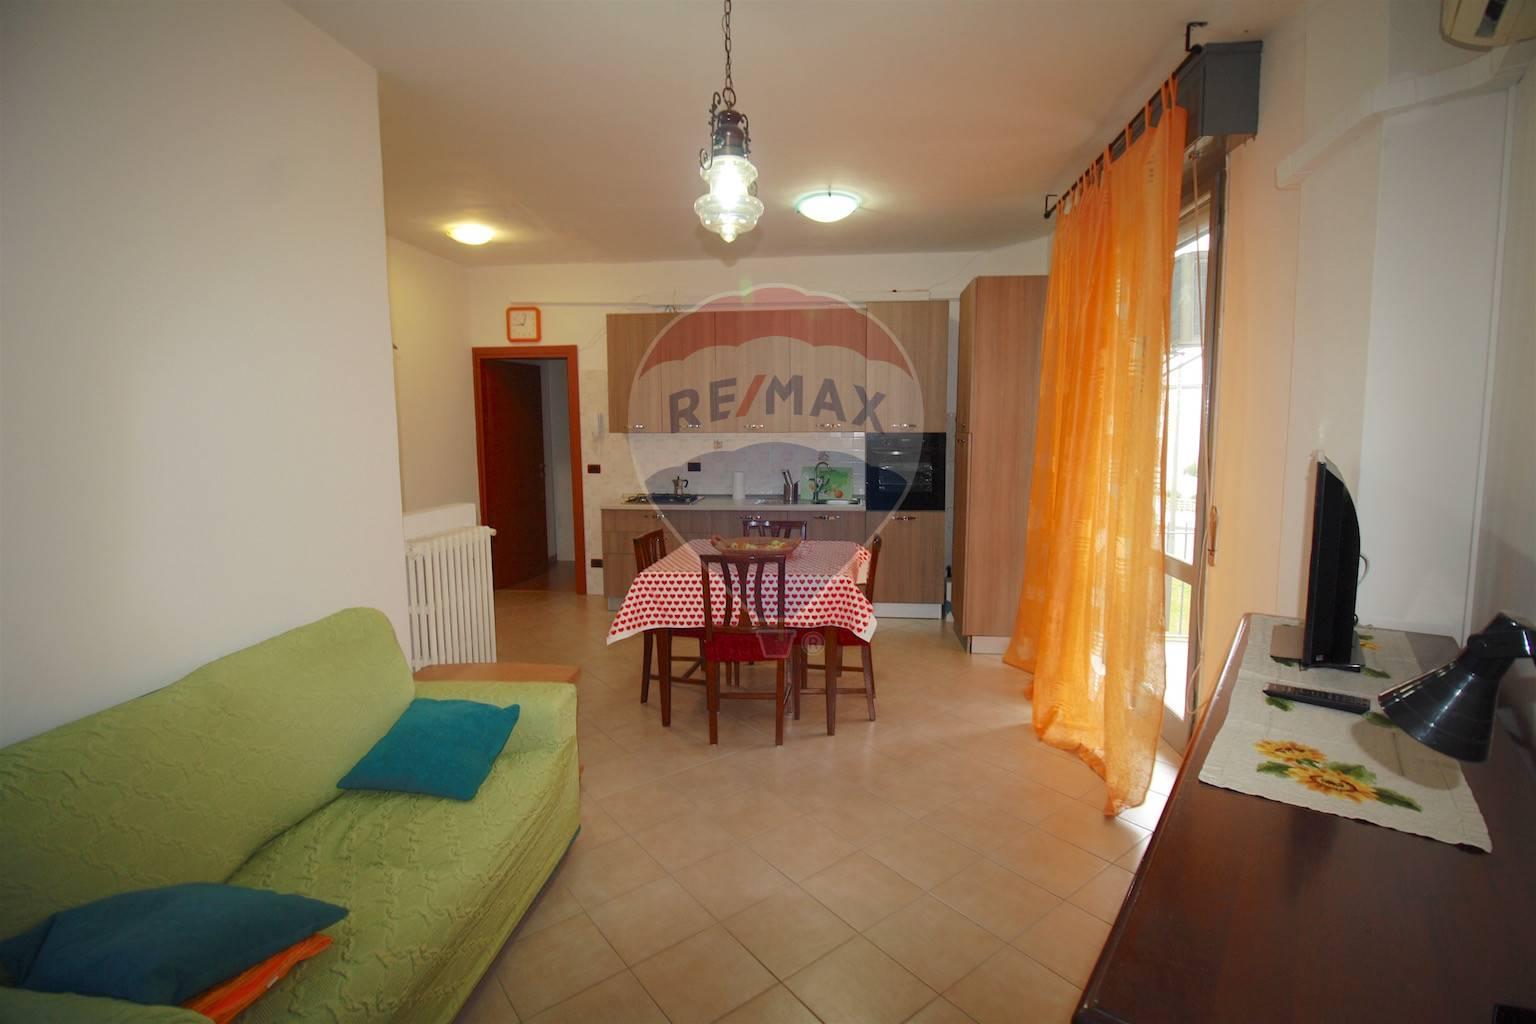 Appartamento in vendita a Sant'Ilario d'Enza, 3 locali, prezzo € 80.000 | CambioCasa.it